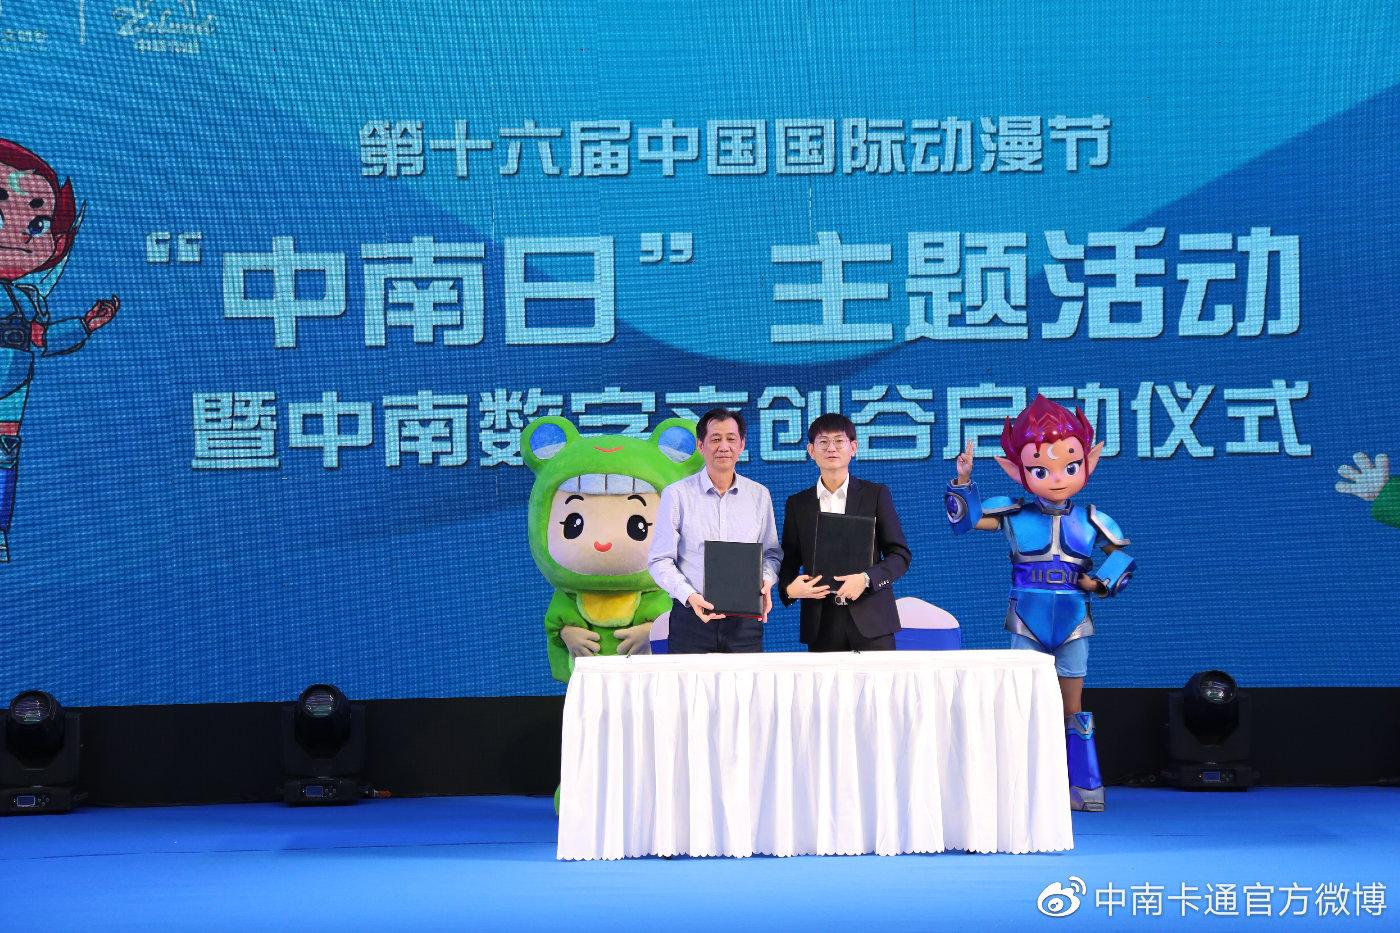 中南卡通执行总裁於敏与北京极光动漫有限公司、杭州魔鬼蛙总经理刘阿八签署战略合作协议